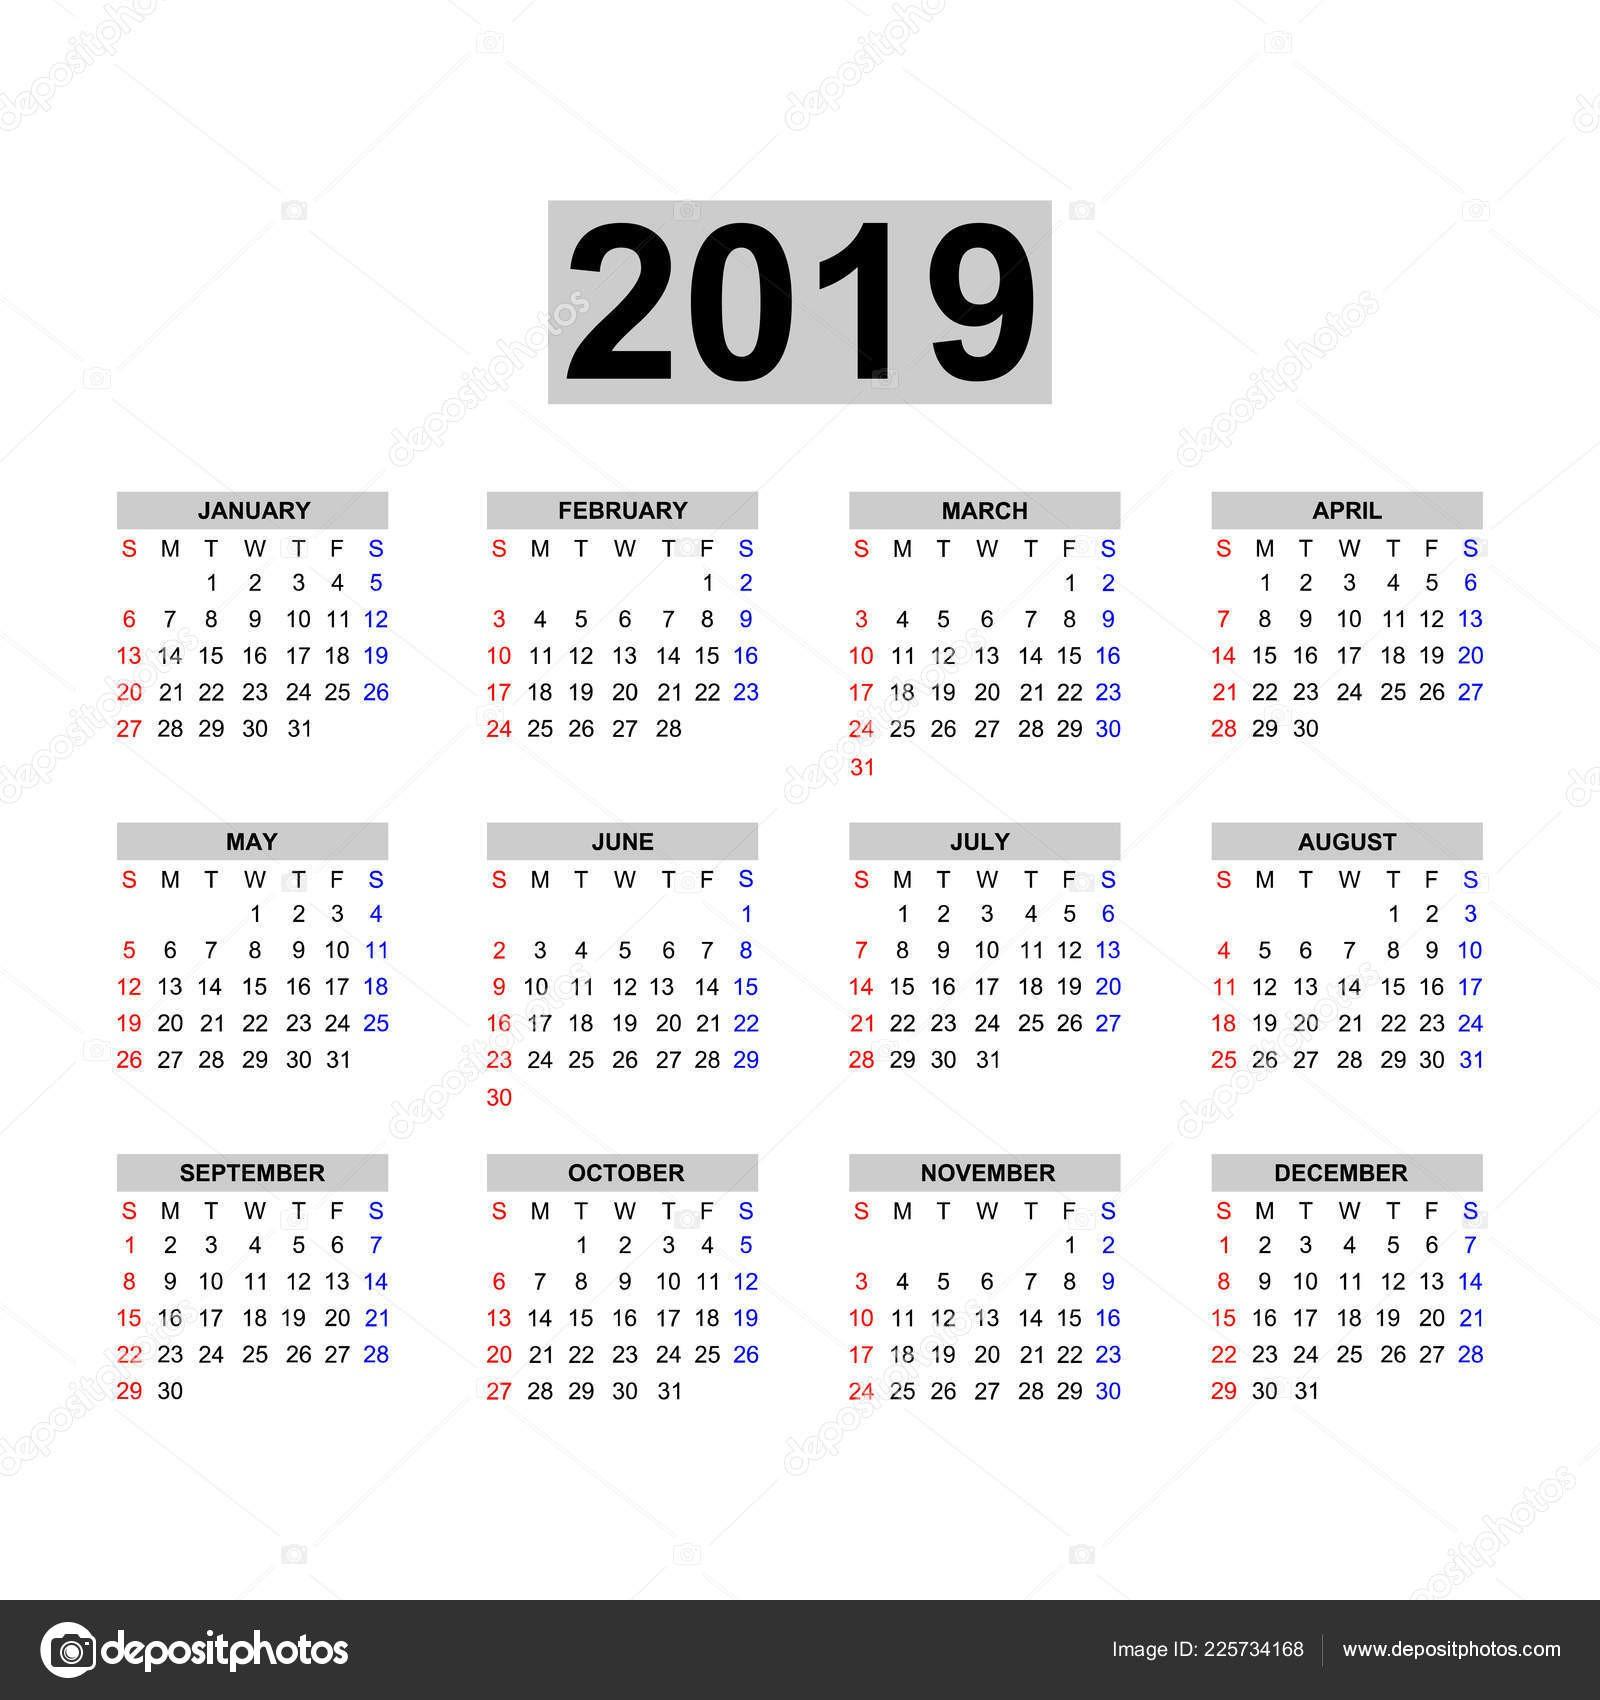 Calendario 2019 En Excel total formula List Más Populares 15 Familienurlaub Planer Vorlage Of Calendario 2019 En Excel total formula List Más Recientes New Excel Timesheets